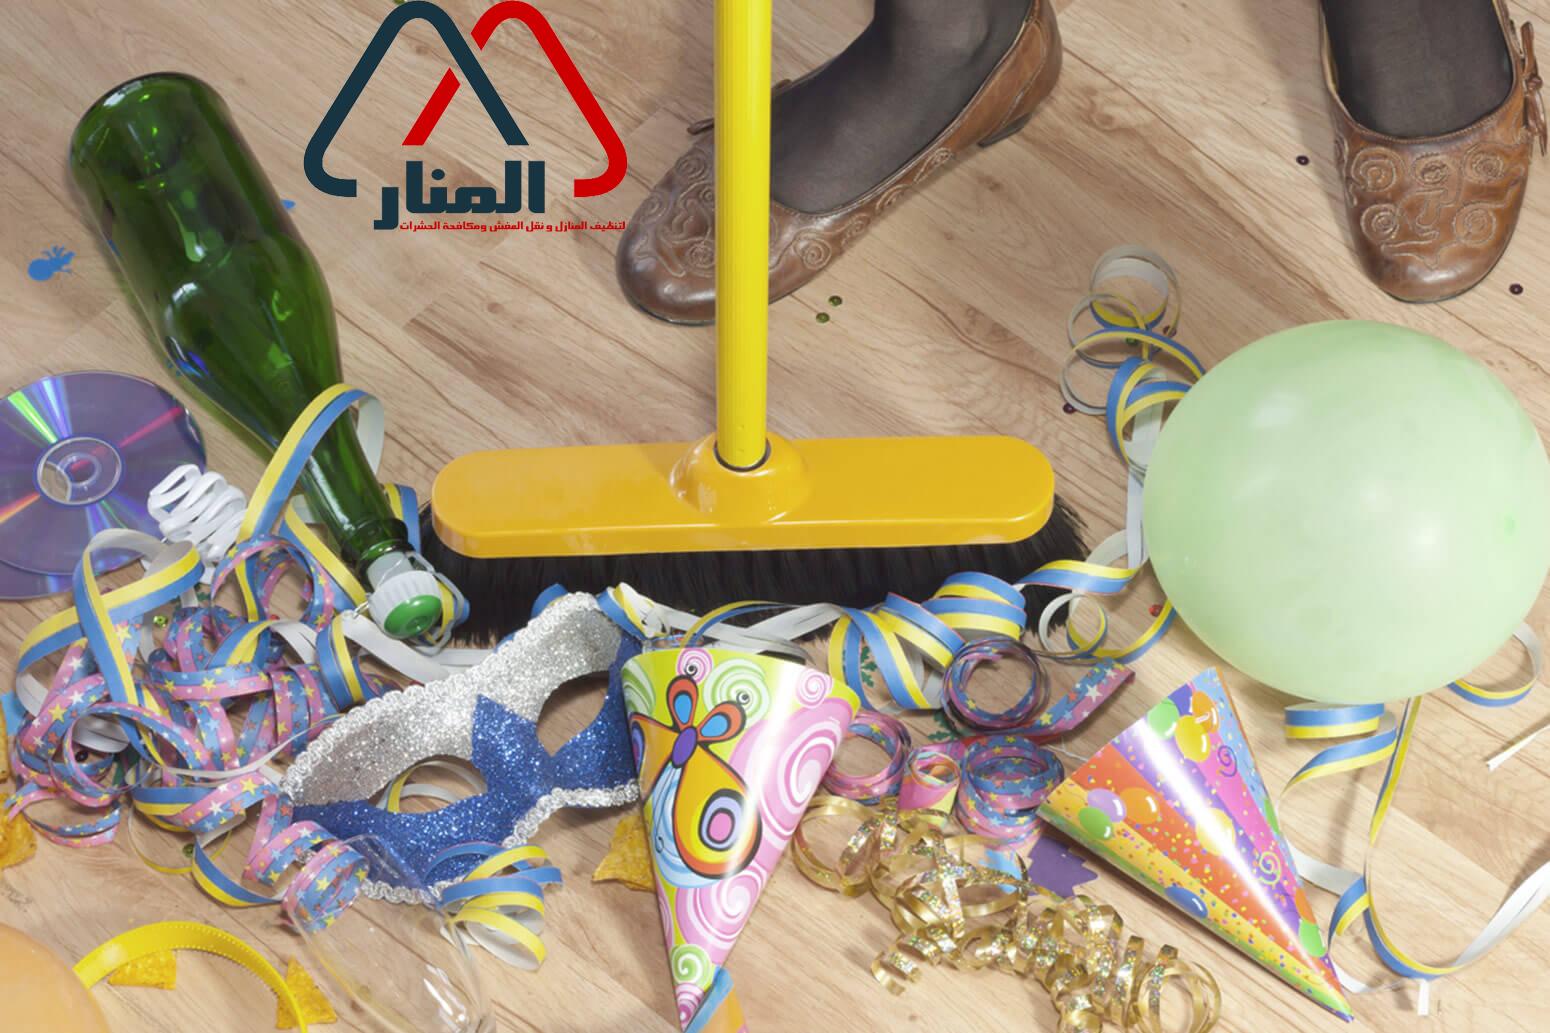 شركة تنظيف بيوت بالرس وبعنيزه